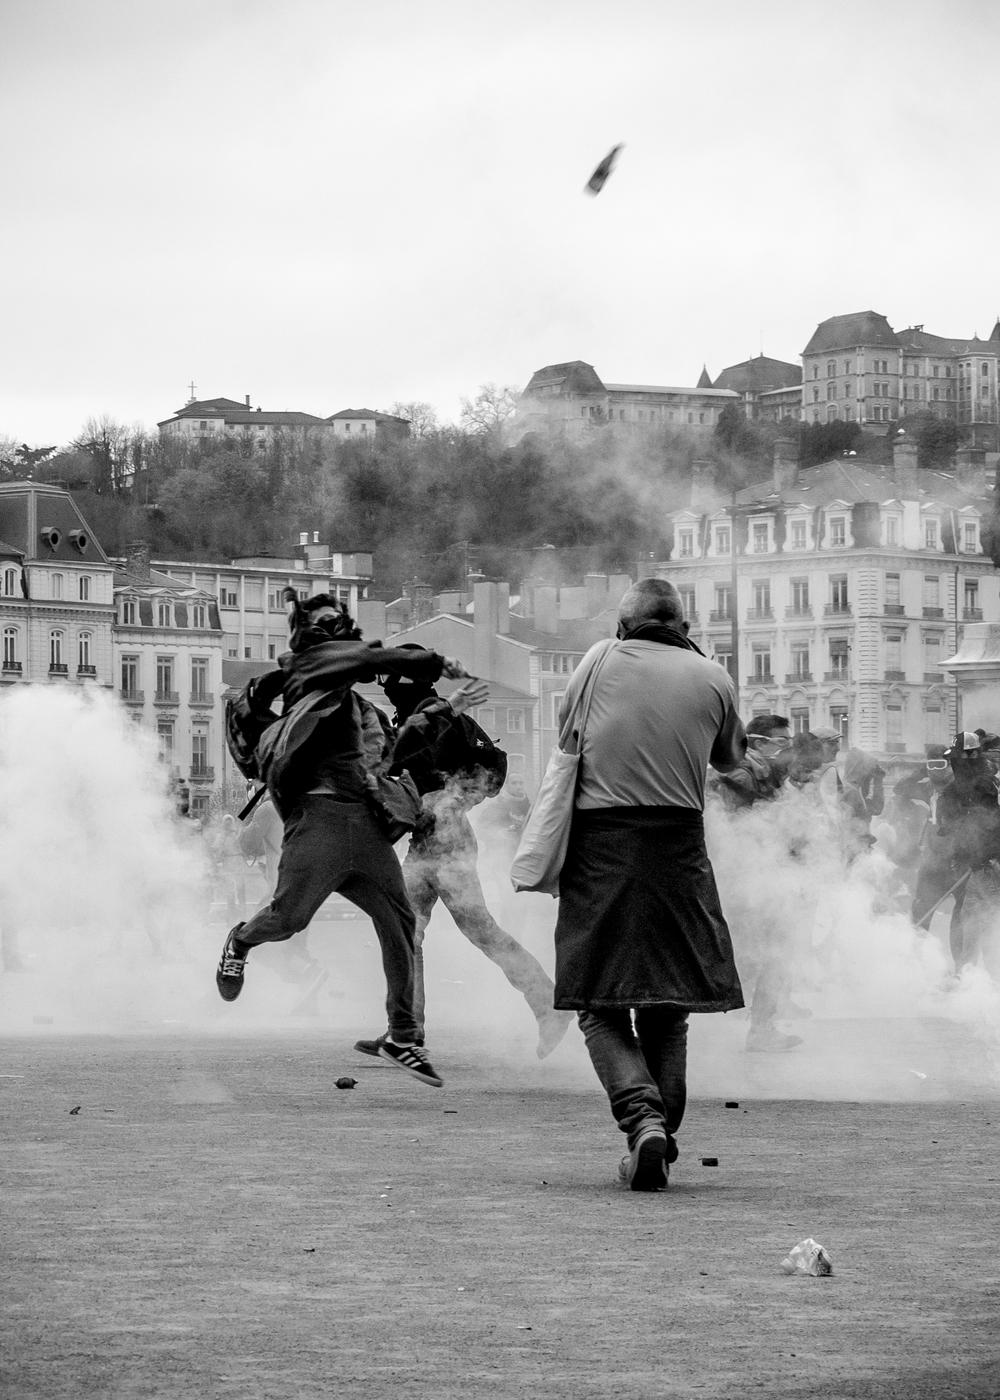 manifestation-loi-travail-31-mars-2016_26068360172_o.jpg